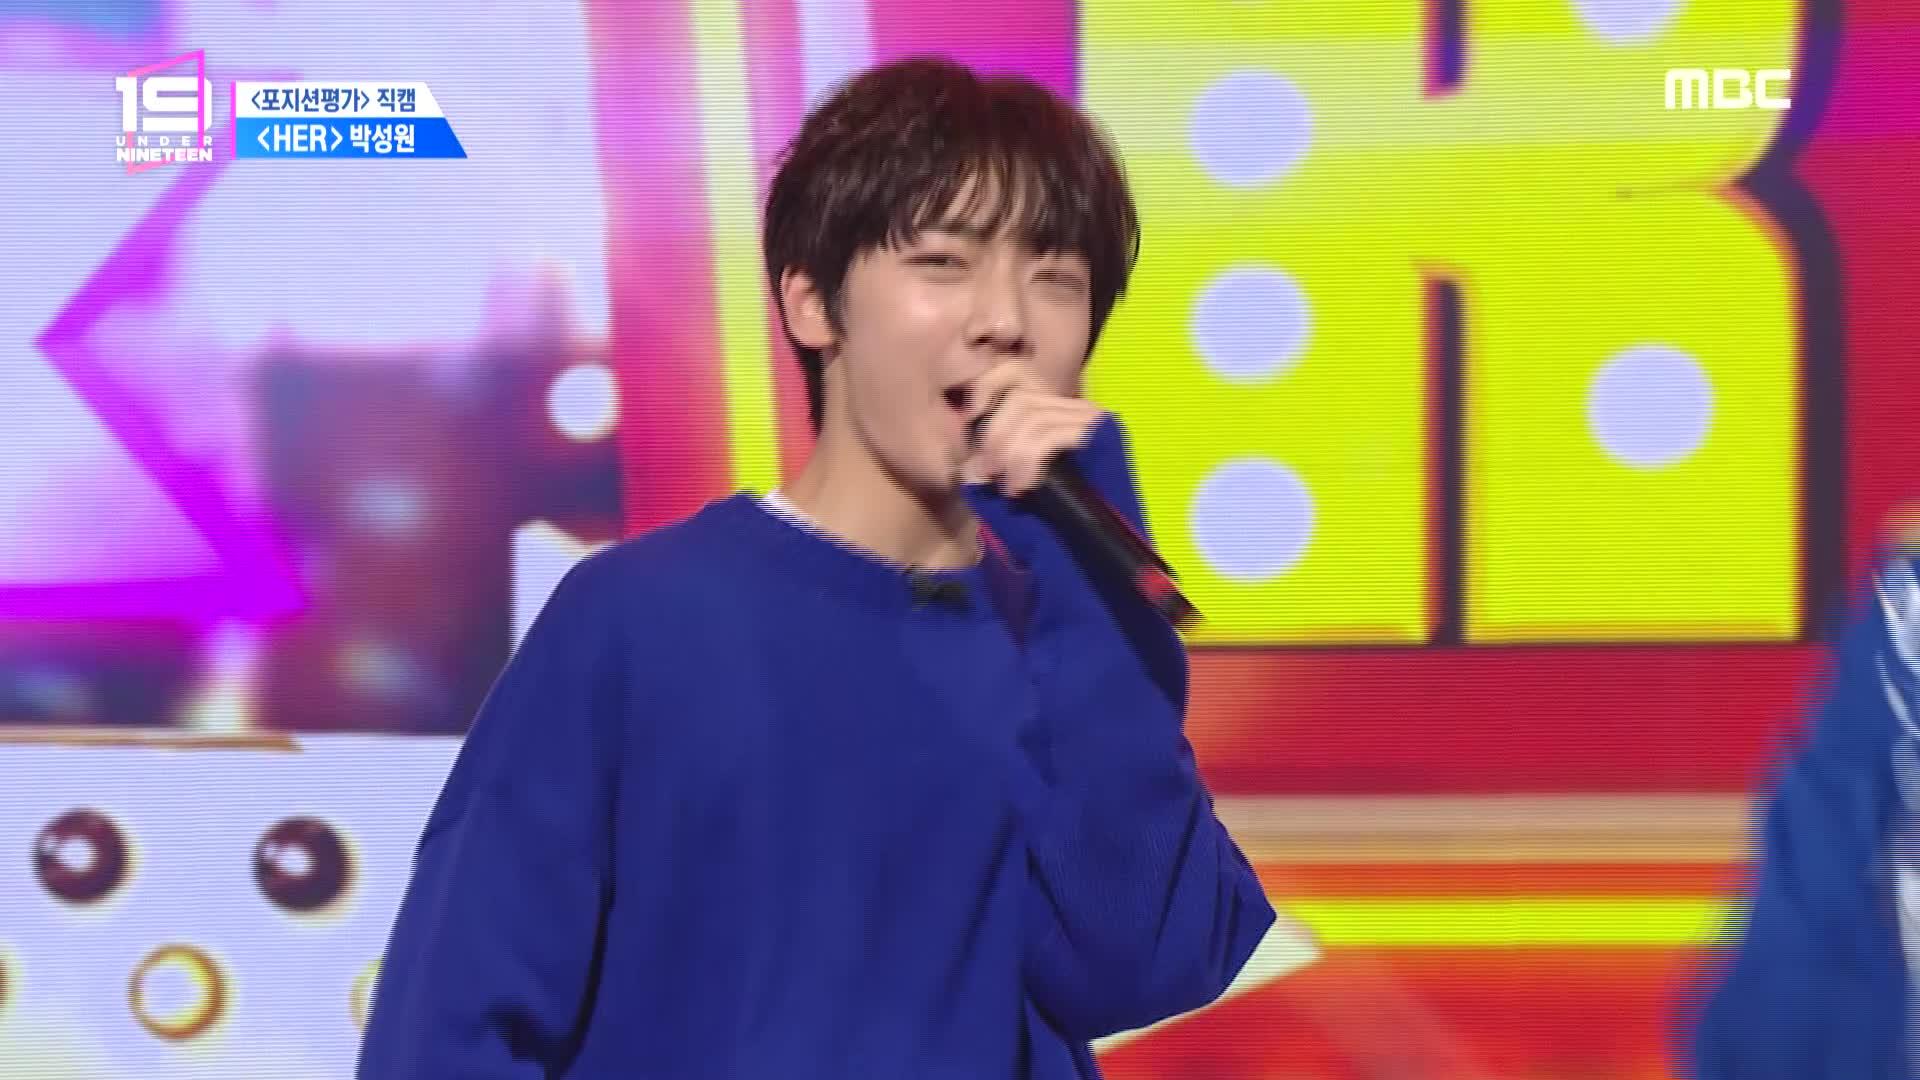 [포지션 대결 직캠] 랩 박성원 ♬HER